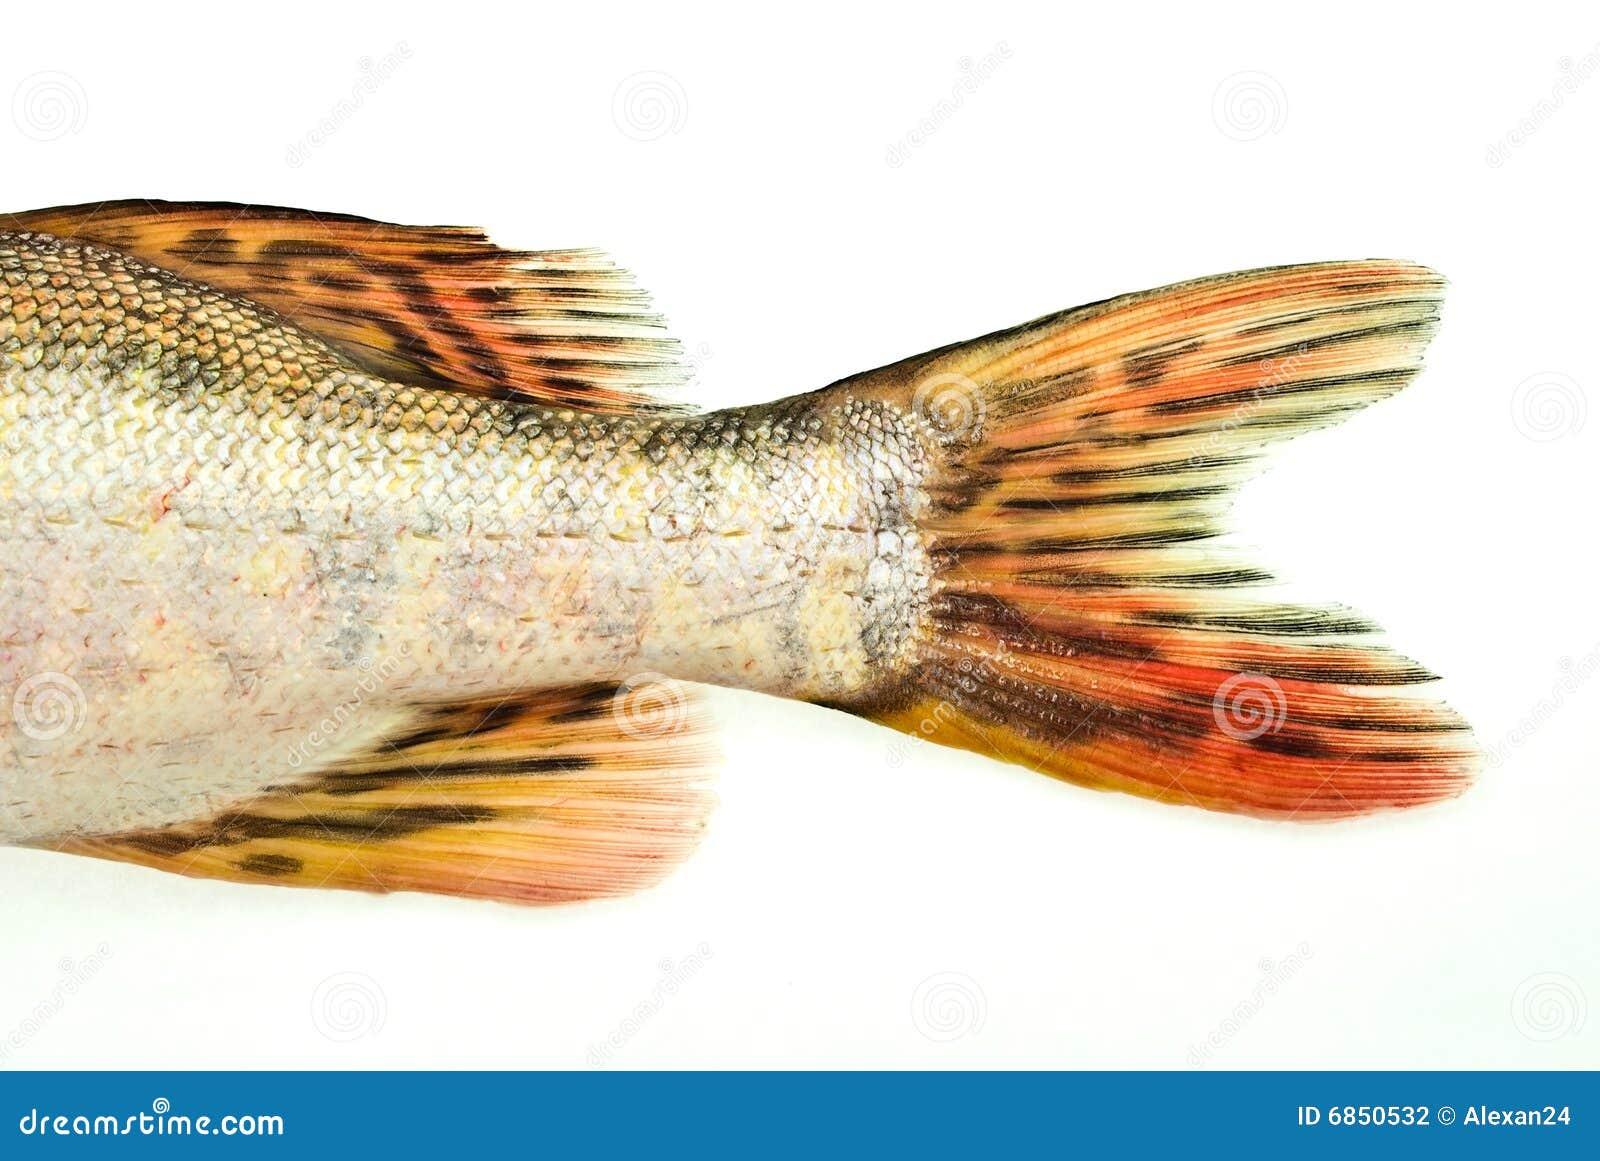 Fish tail fish beautiful - photo#22